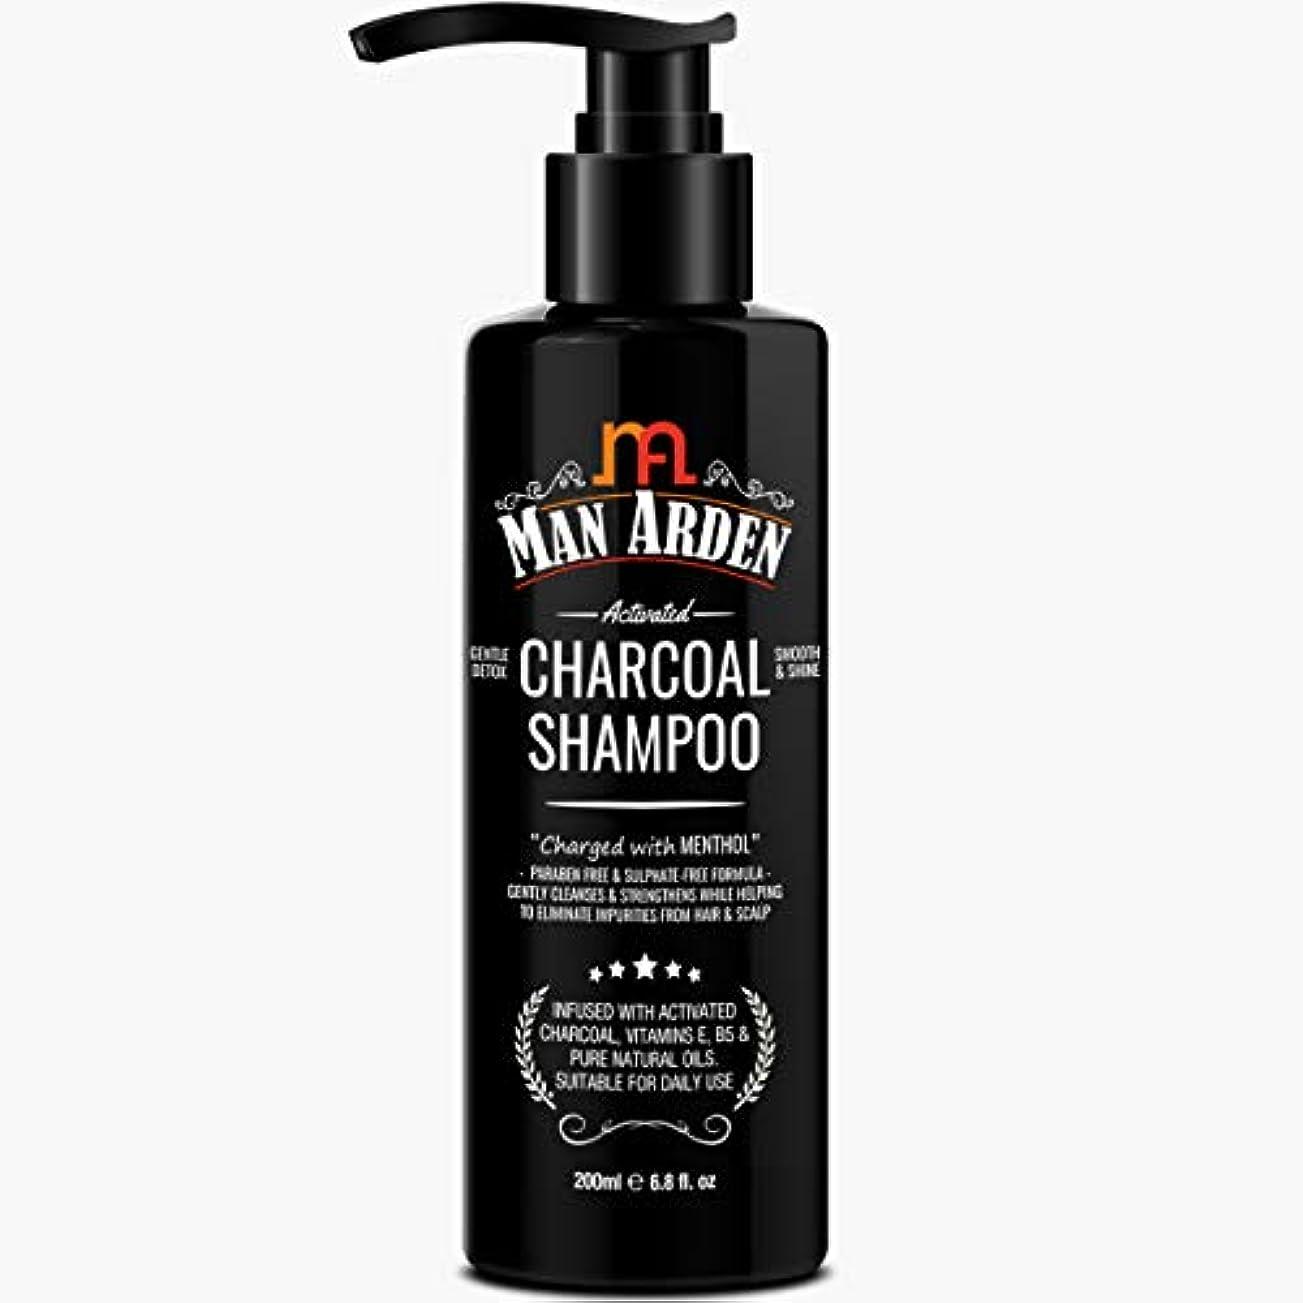 汚染する同等のひそかにMan Arden Activated Charcoal Shampoo With Menthol (No Sulphate, Paraben or Silicon), 200ml - Daily Clarifying...